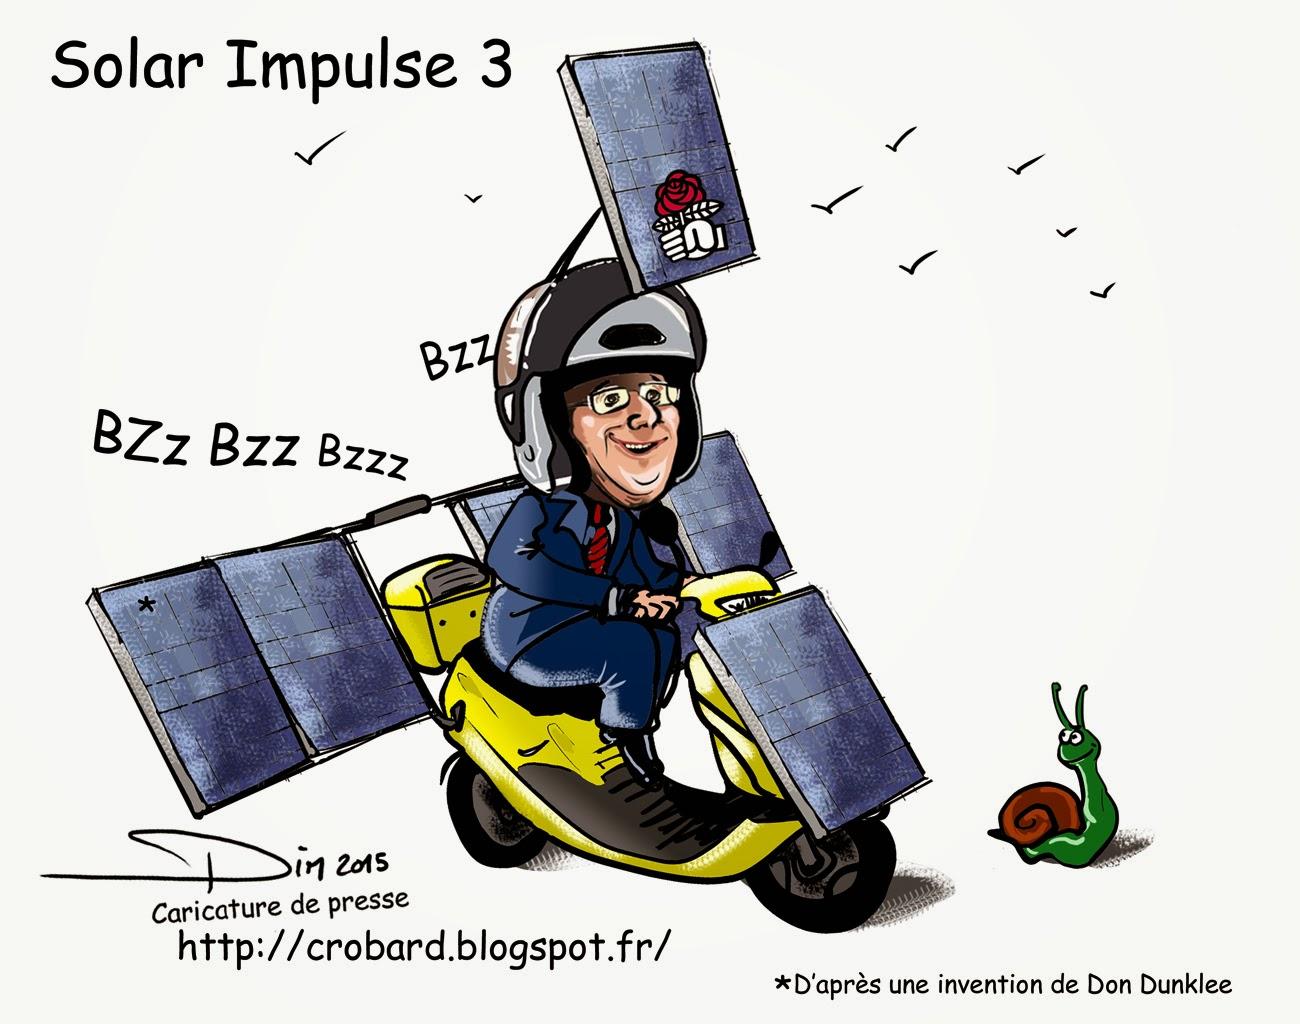 http://3.bp.blogspot.com/-PSPgSj_h1Ec/VP4bhElLNbI/AAAAAAAABr0/rcKFOq7h6HU/s1600/Solar-Impulse-web.jpg